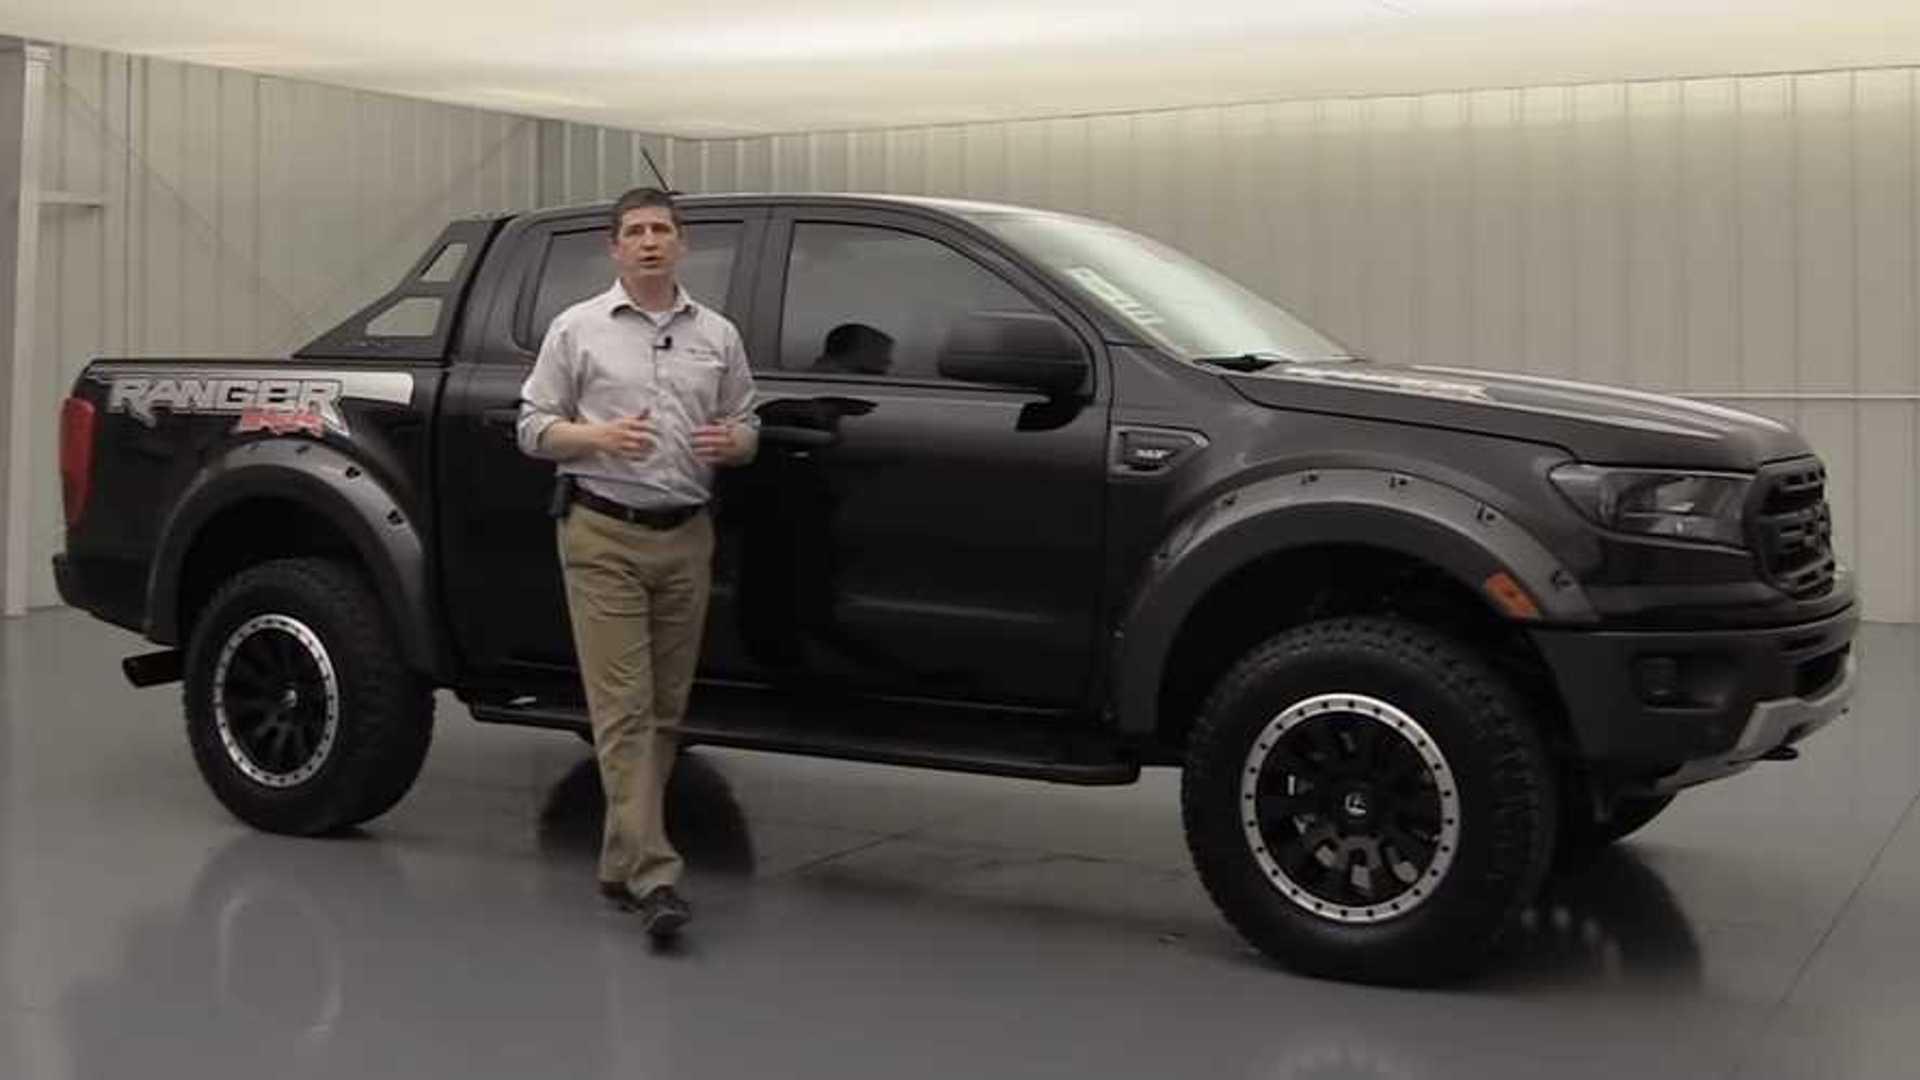 Kansas Dealer Selling Ford Ranger Raptor Inspired Baja Package